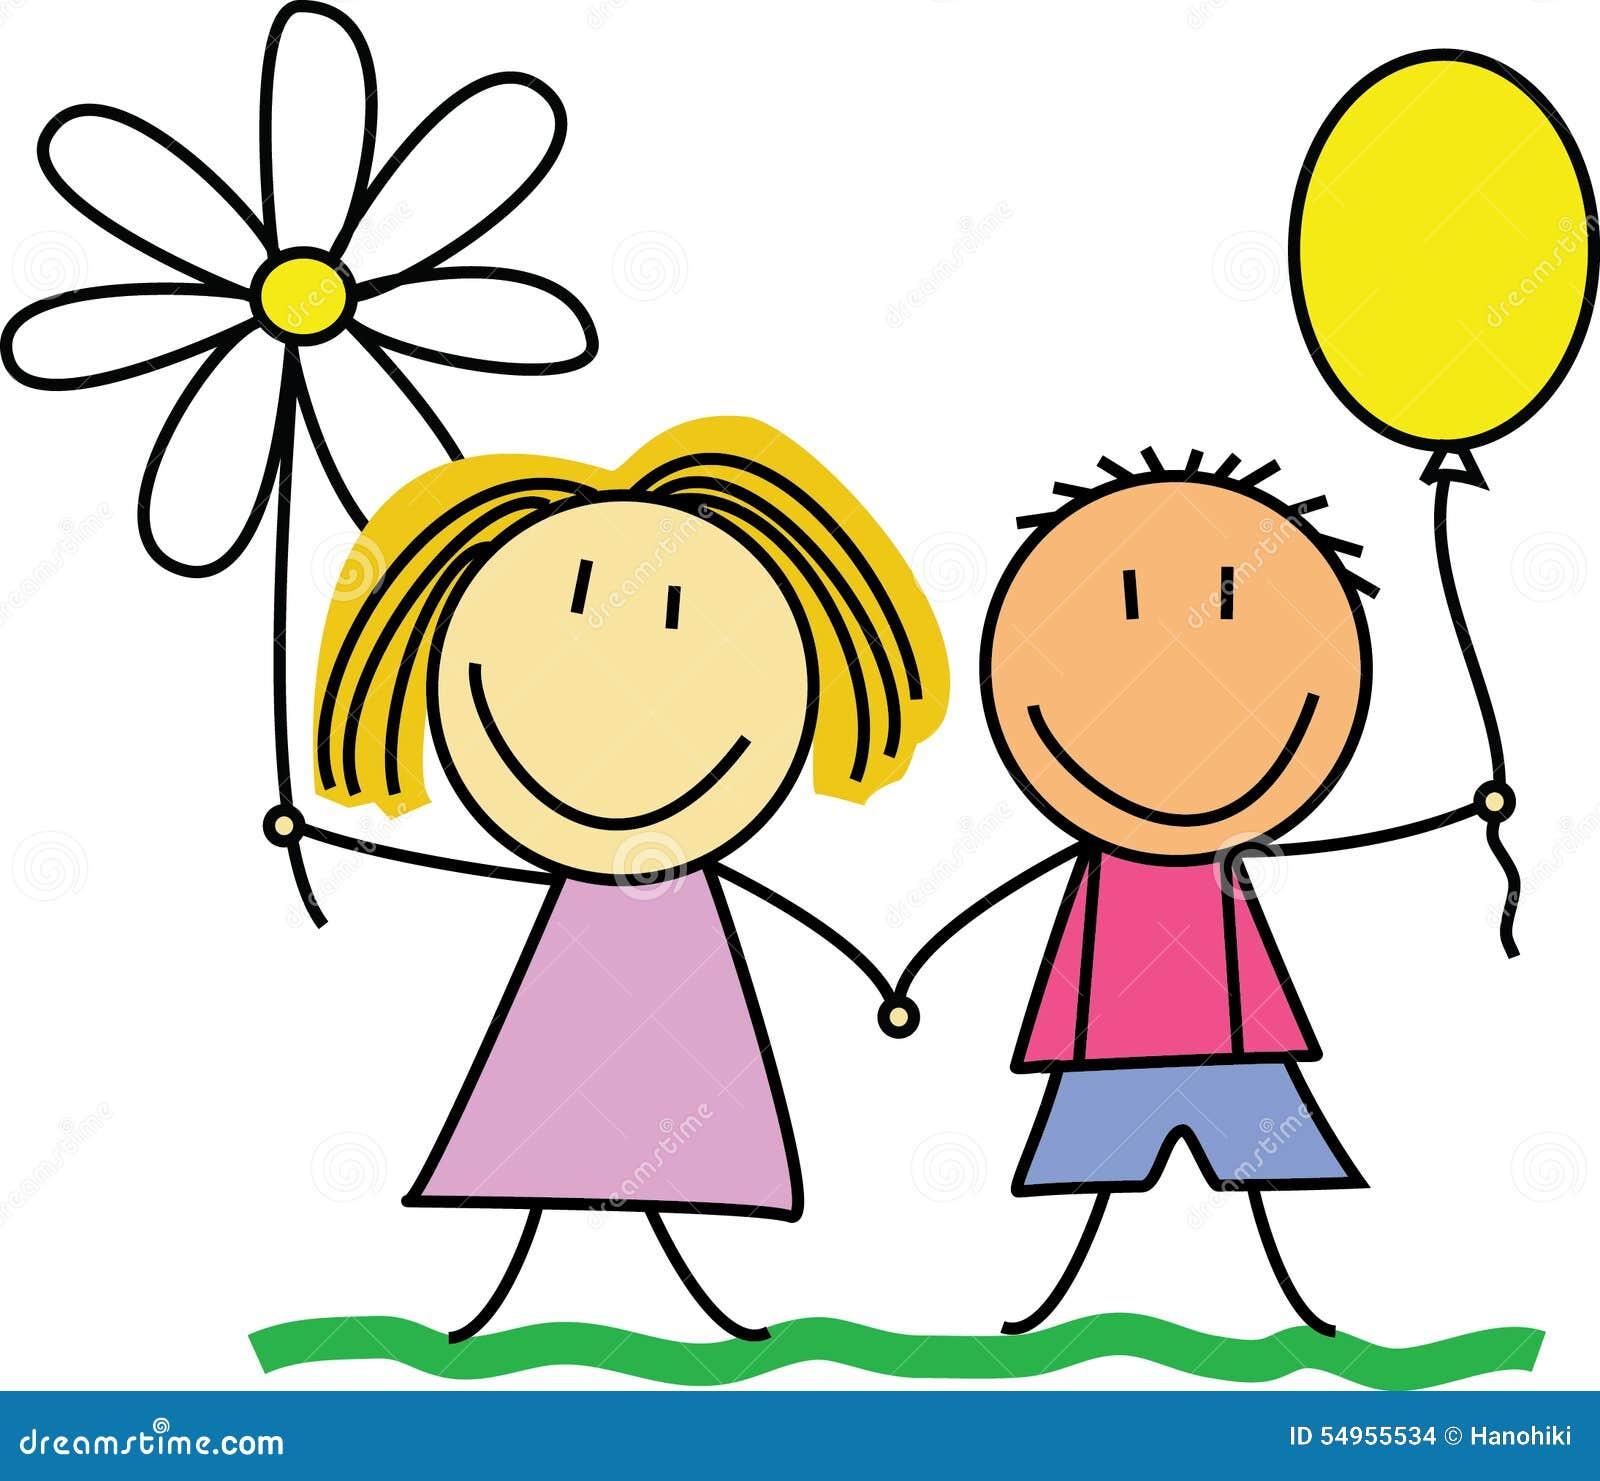 朋友/友谊-画/illustration的孩子图片